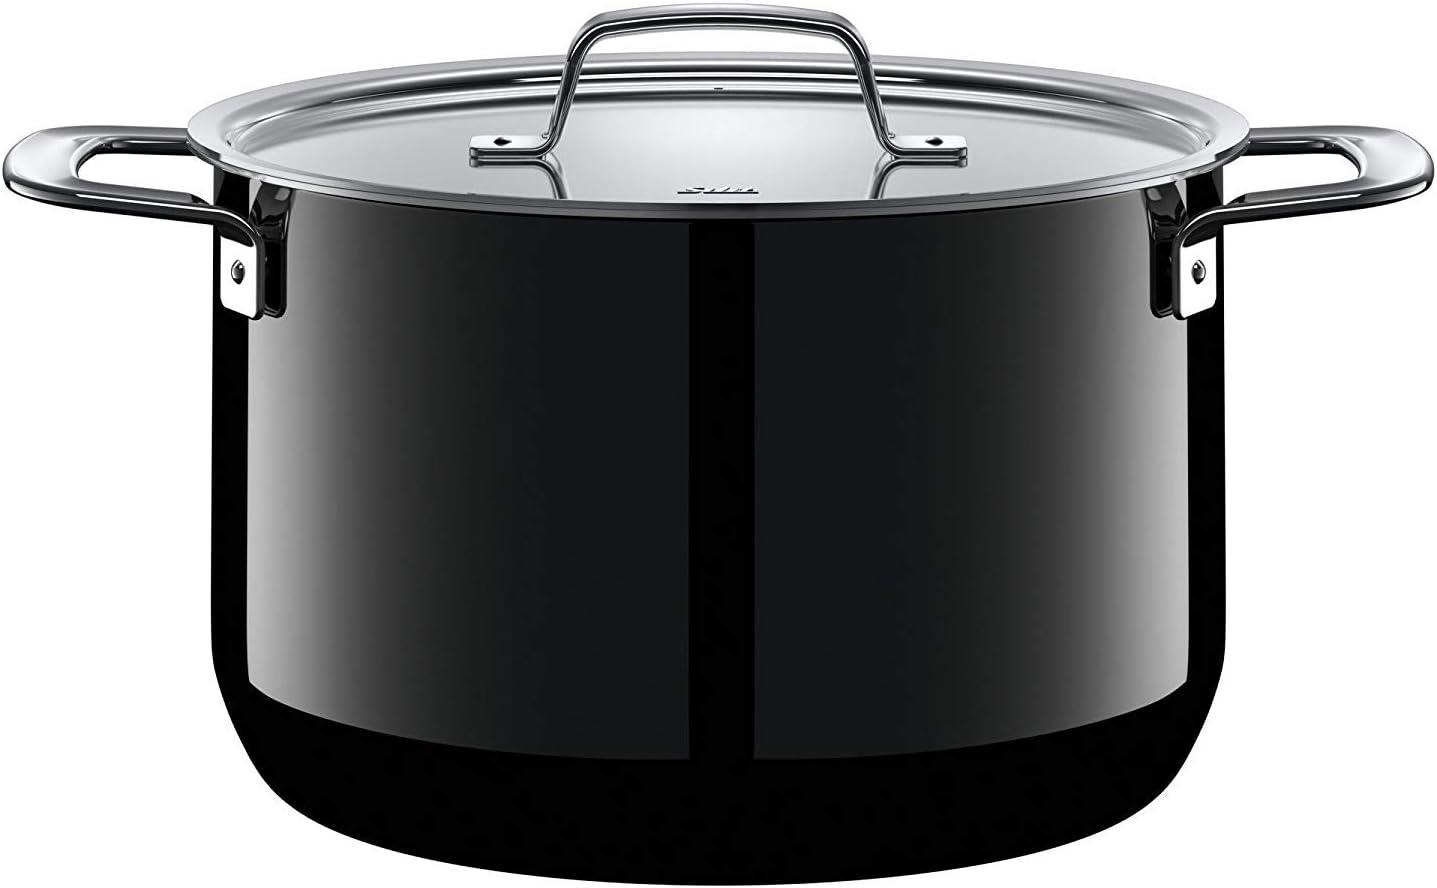 Silit Zeno Black-Olla Alta con Tapa de Metal (24 cm de diámetro, cerámica, inducción, Apta para lavavajillas, 6,4 L), Color Negro, Esmalte